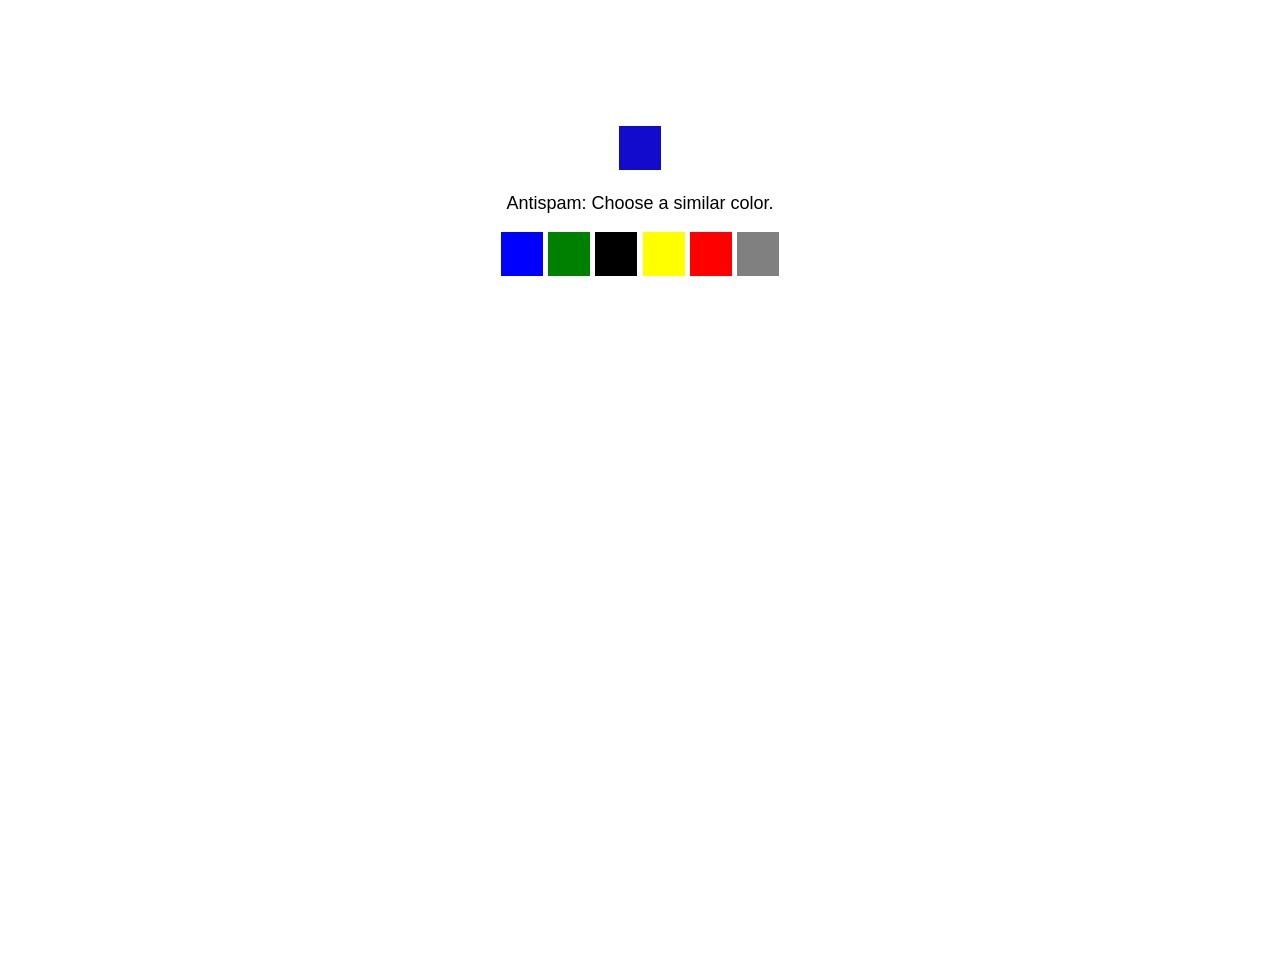 Mddm online dating